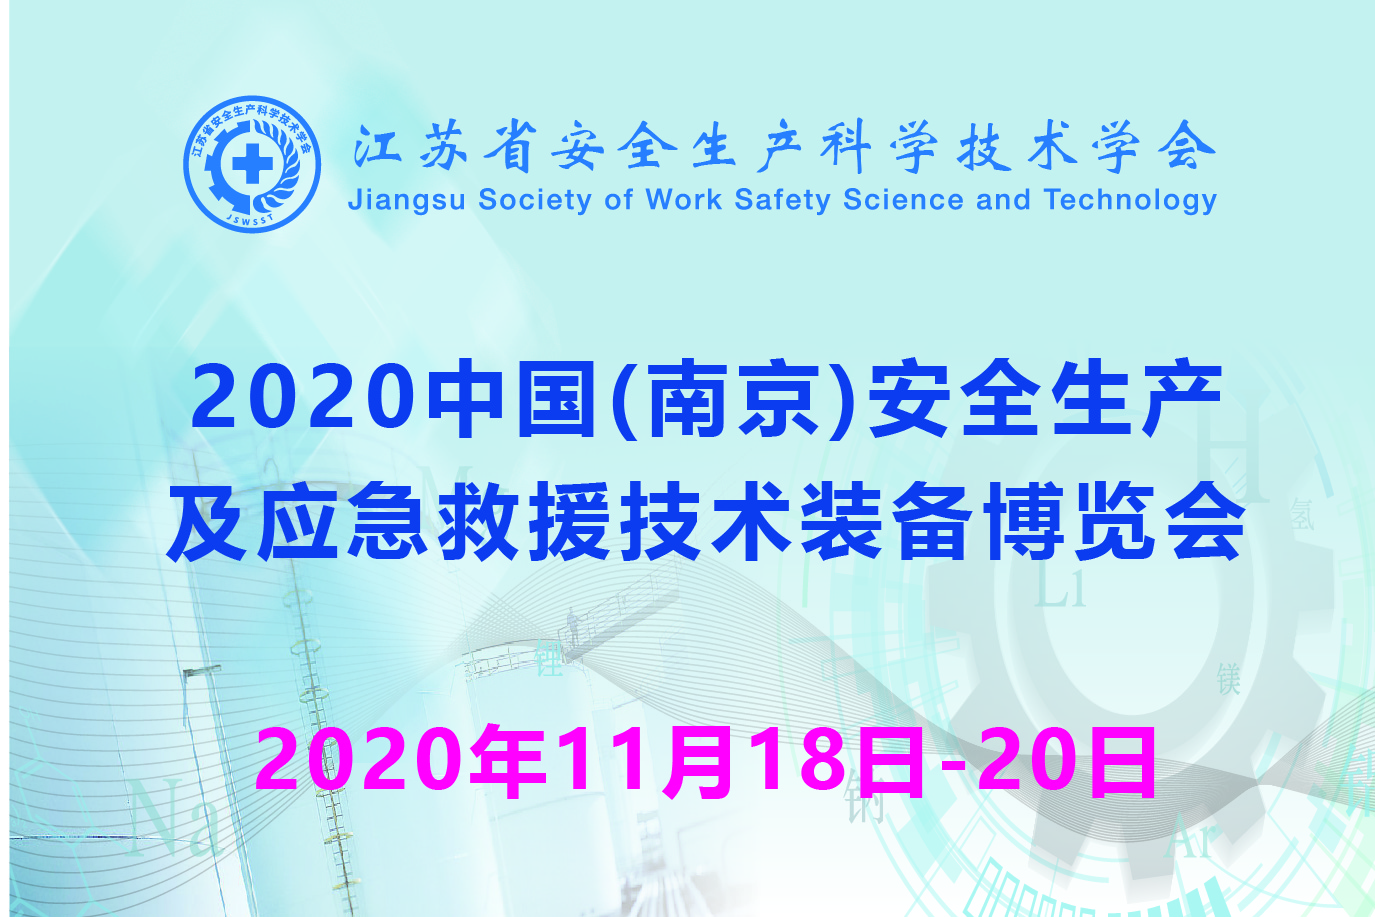 2020 中国(南京)国际安全生产科技论坛暨2020 中国(南京)安全生产及应急救援技术装备博览会